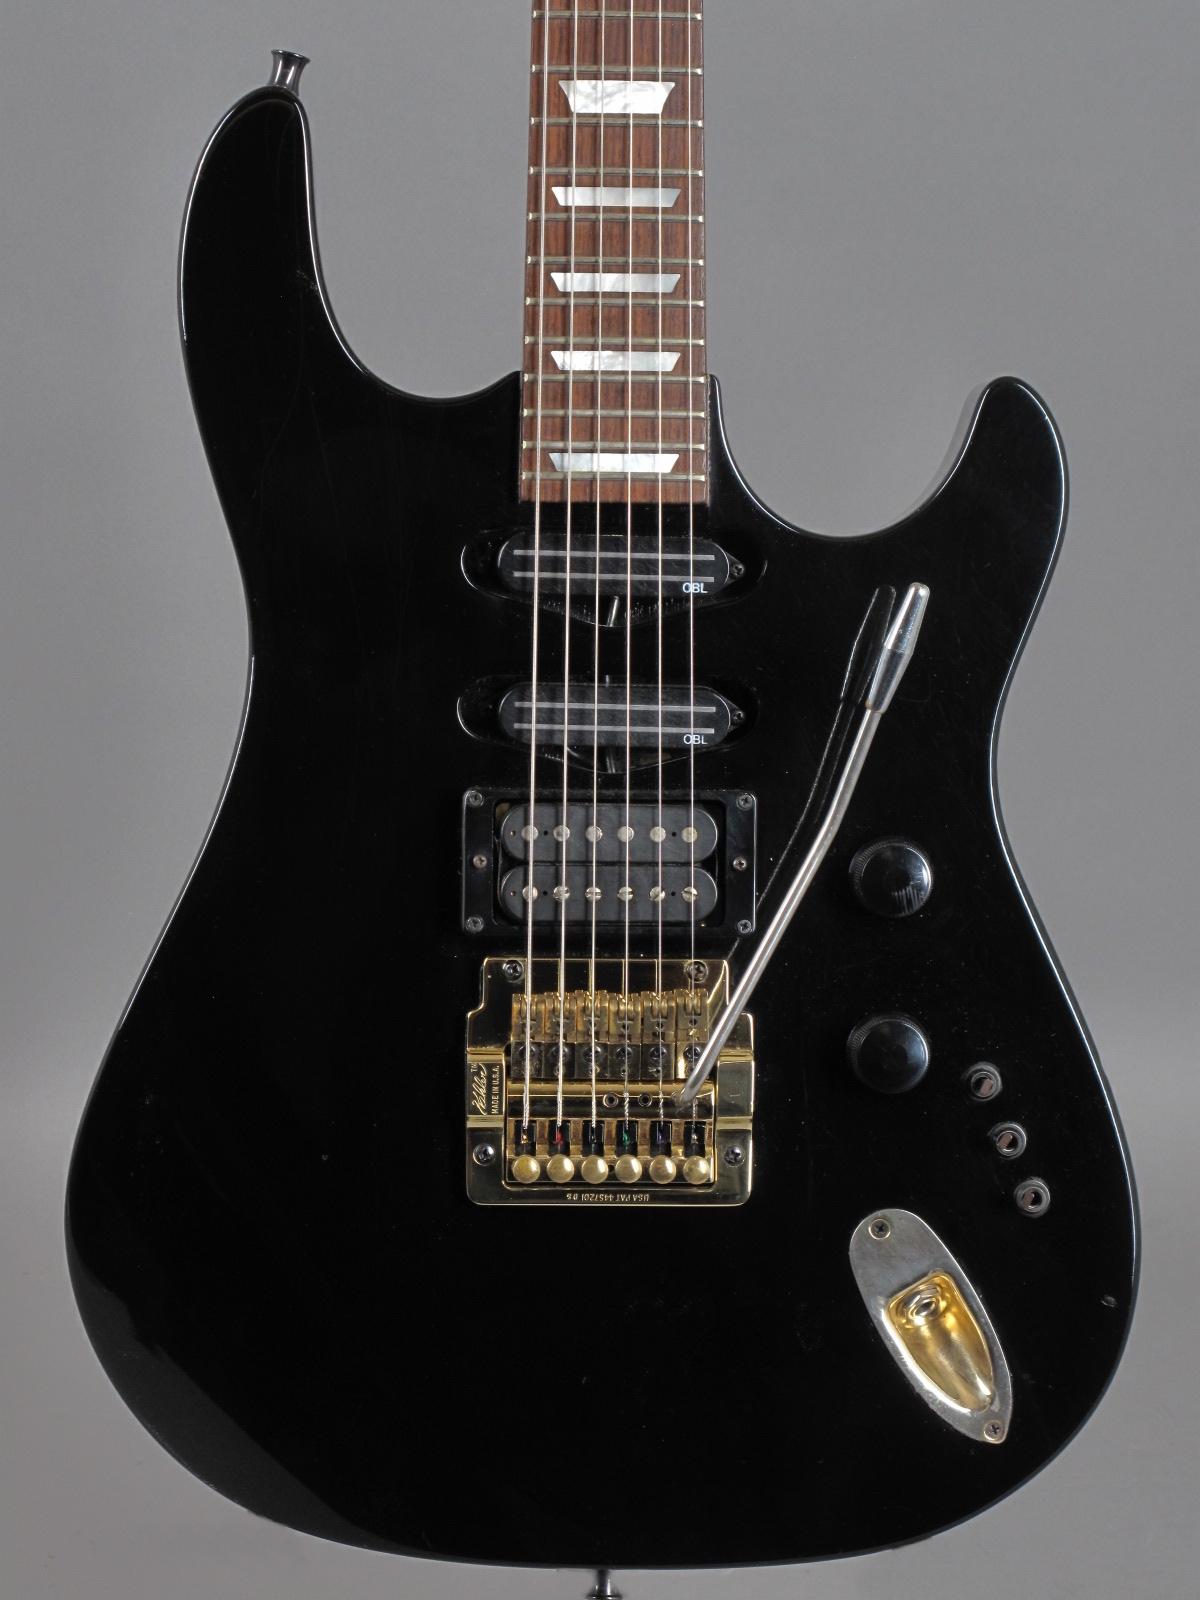 1985 Hamer Chaparral - Black